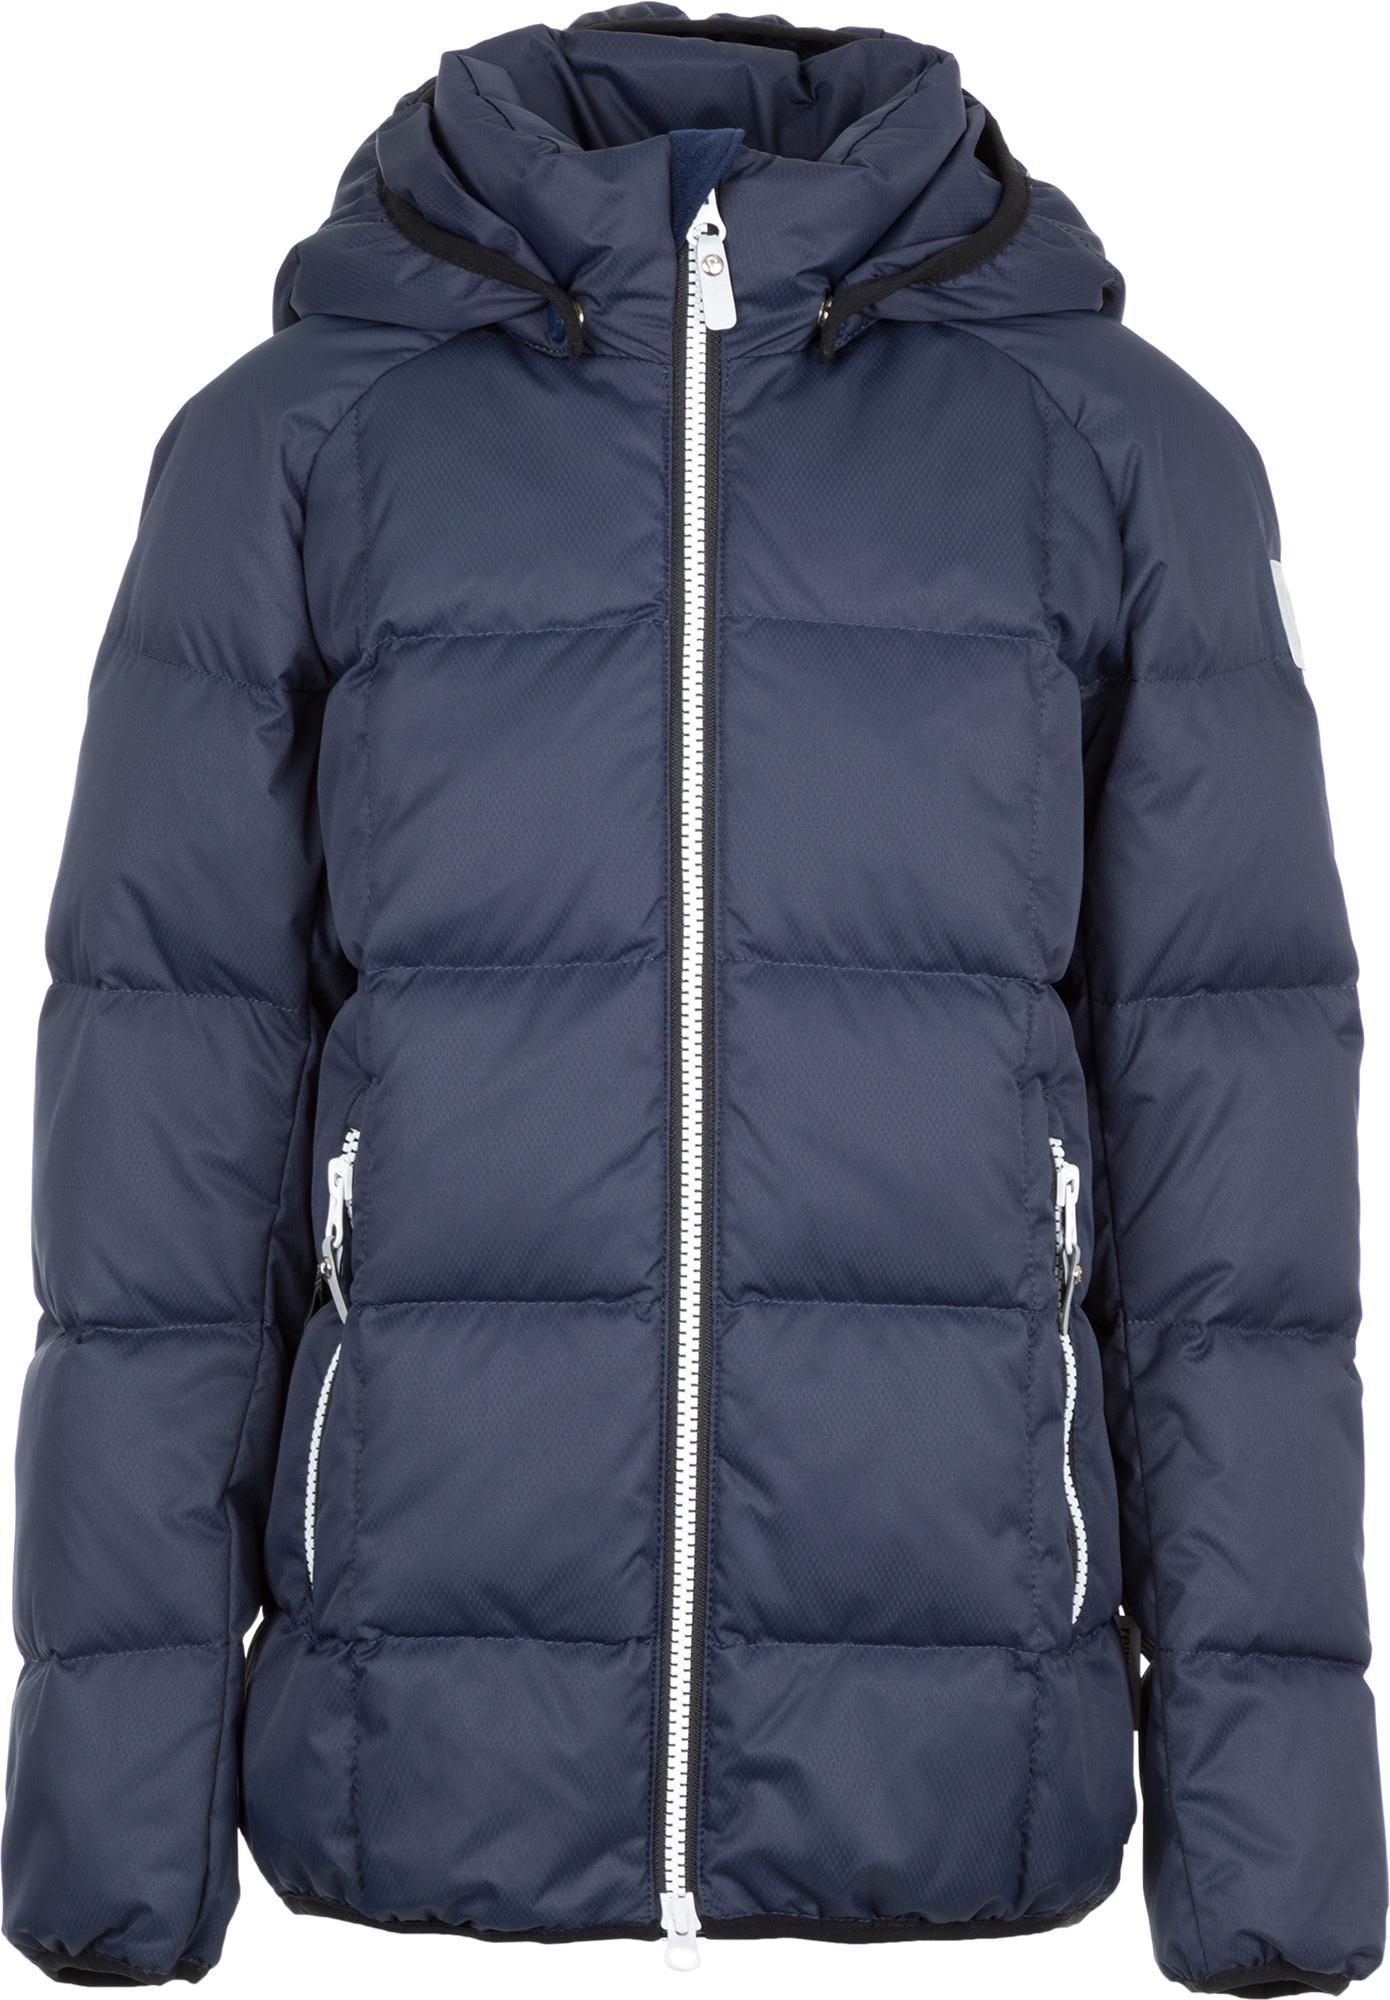 Reima Куртка пуховая для мальчиков Reima Jord, размер 140 цена